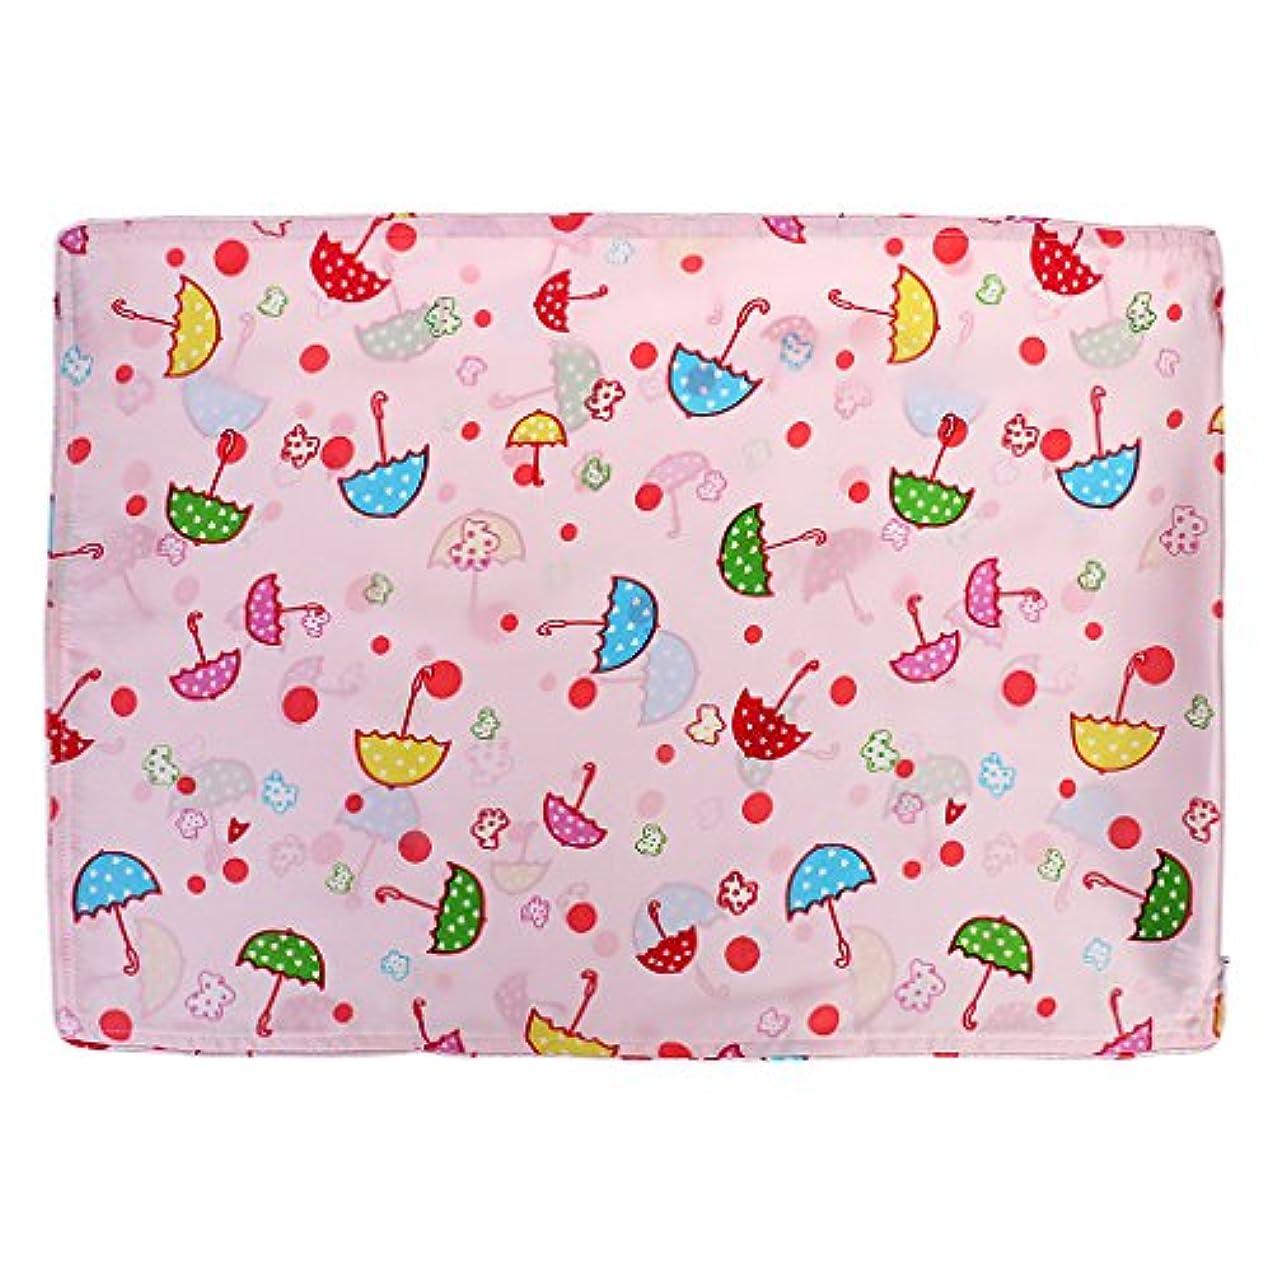 白菜協力的ロデオかわいい赤ちゃんキッズ100%シルクサテン両面枕カバー30 * 45センチメートル傘ピンク